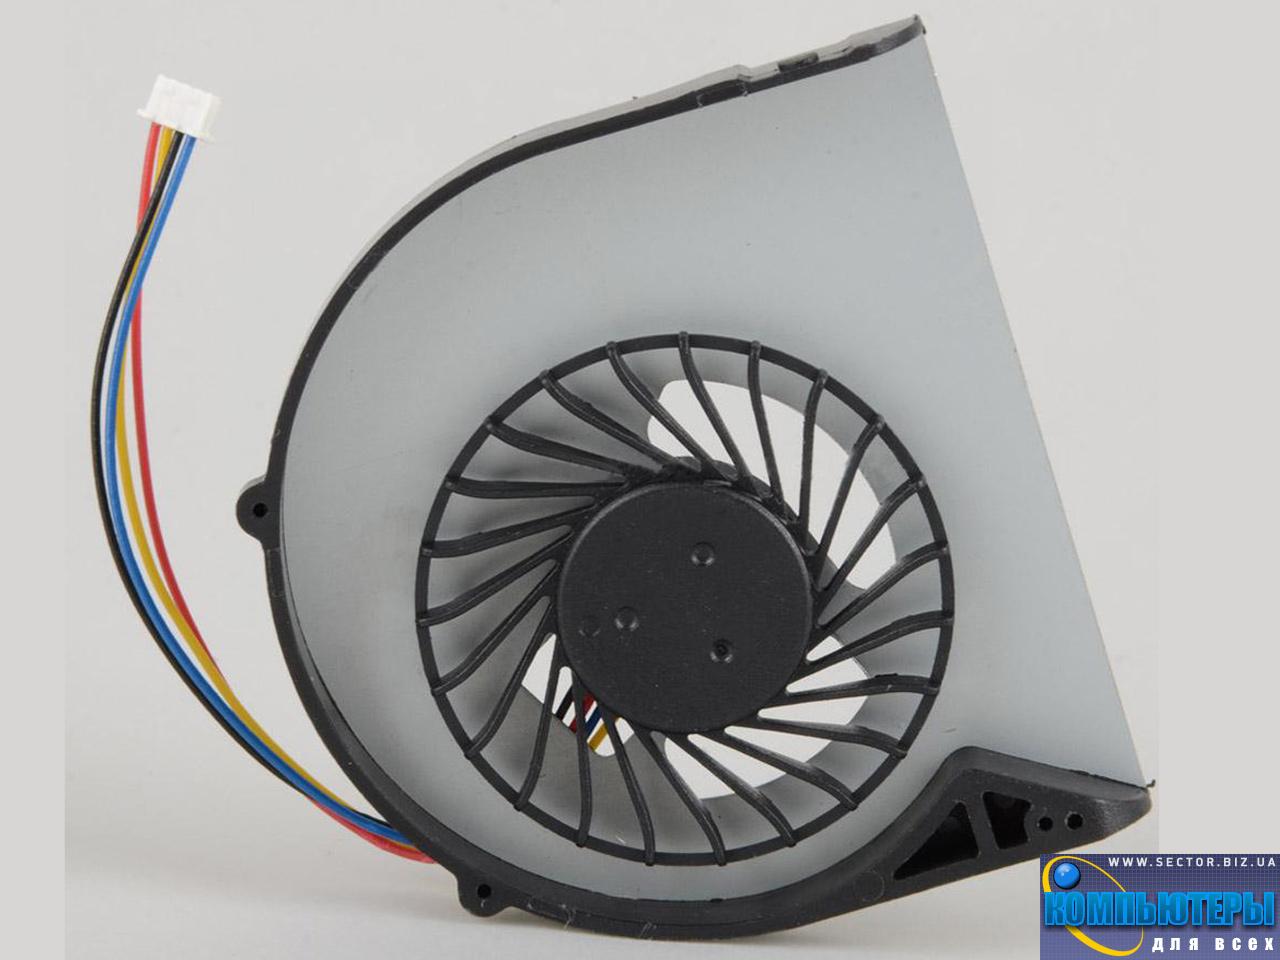 Кулер к ноутбуку Lenovo B480 B480A B485 B490 B590 M490 M495 p/n: DFS531205HC0T. Фото № 6.